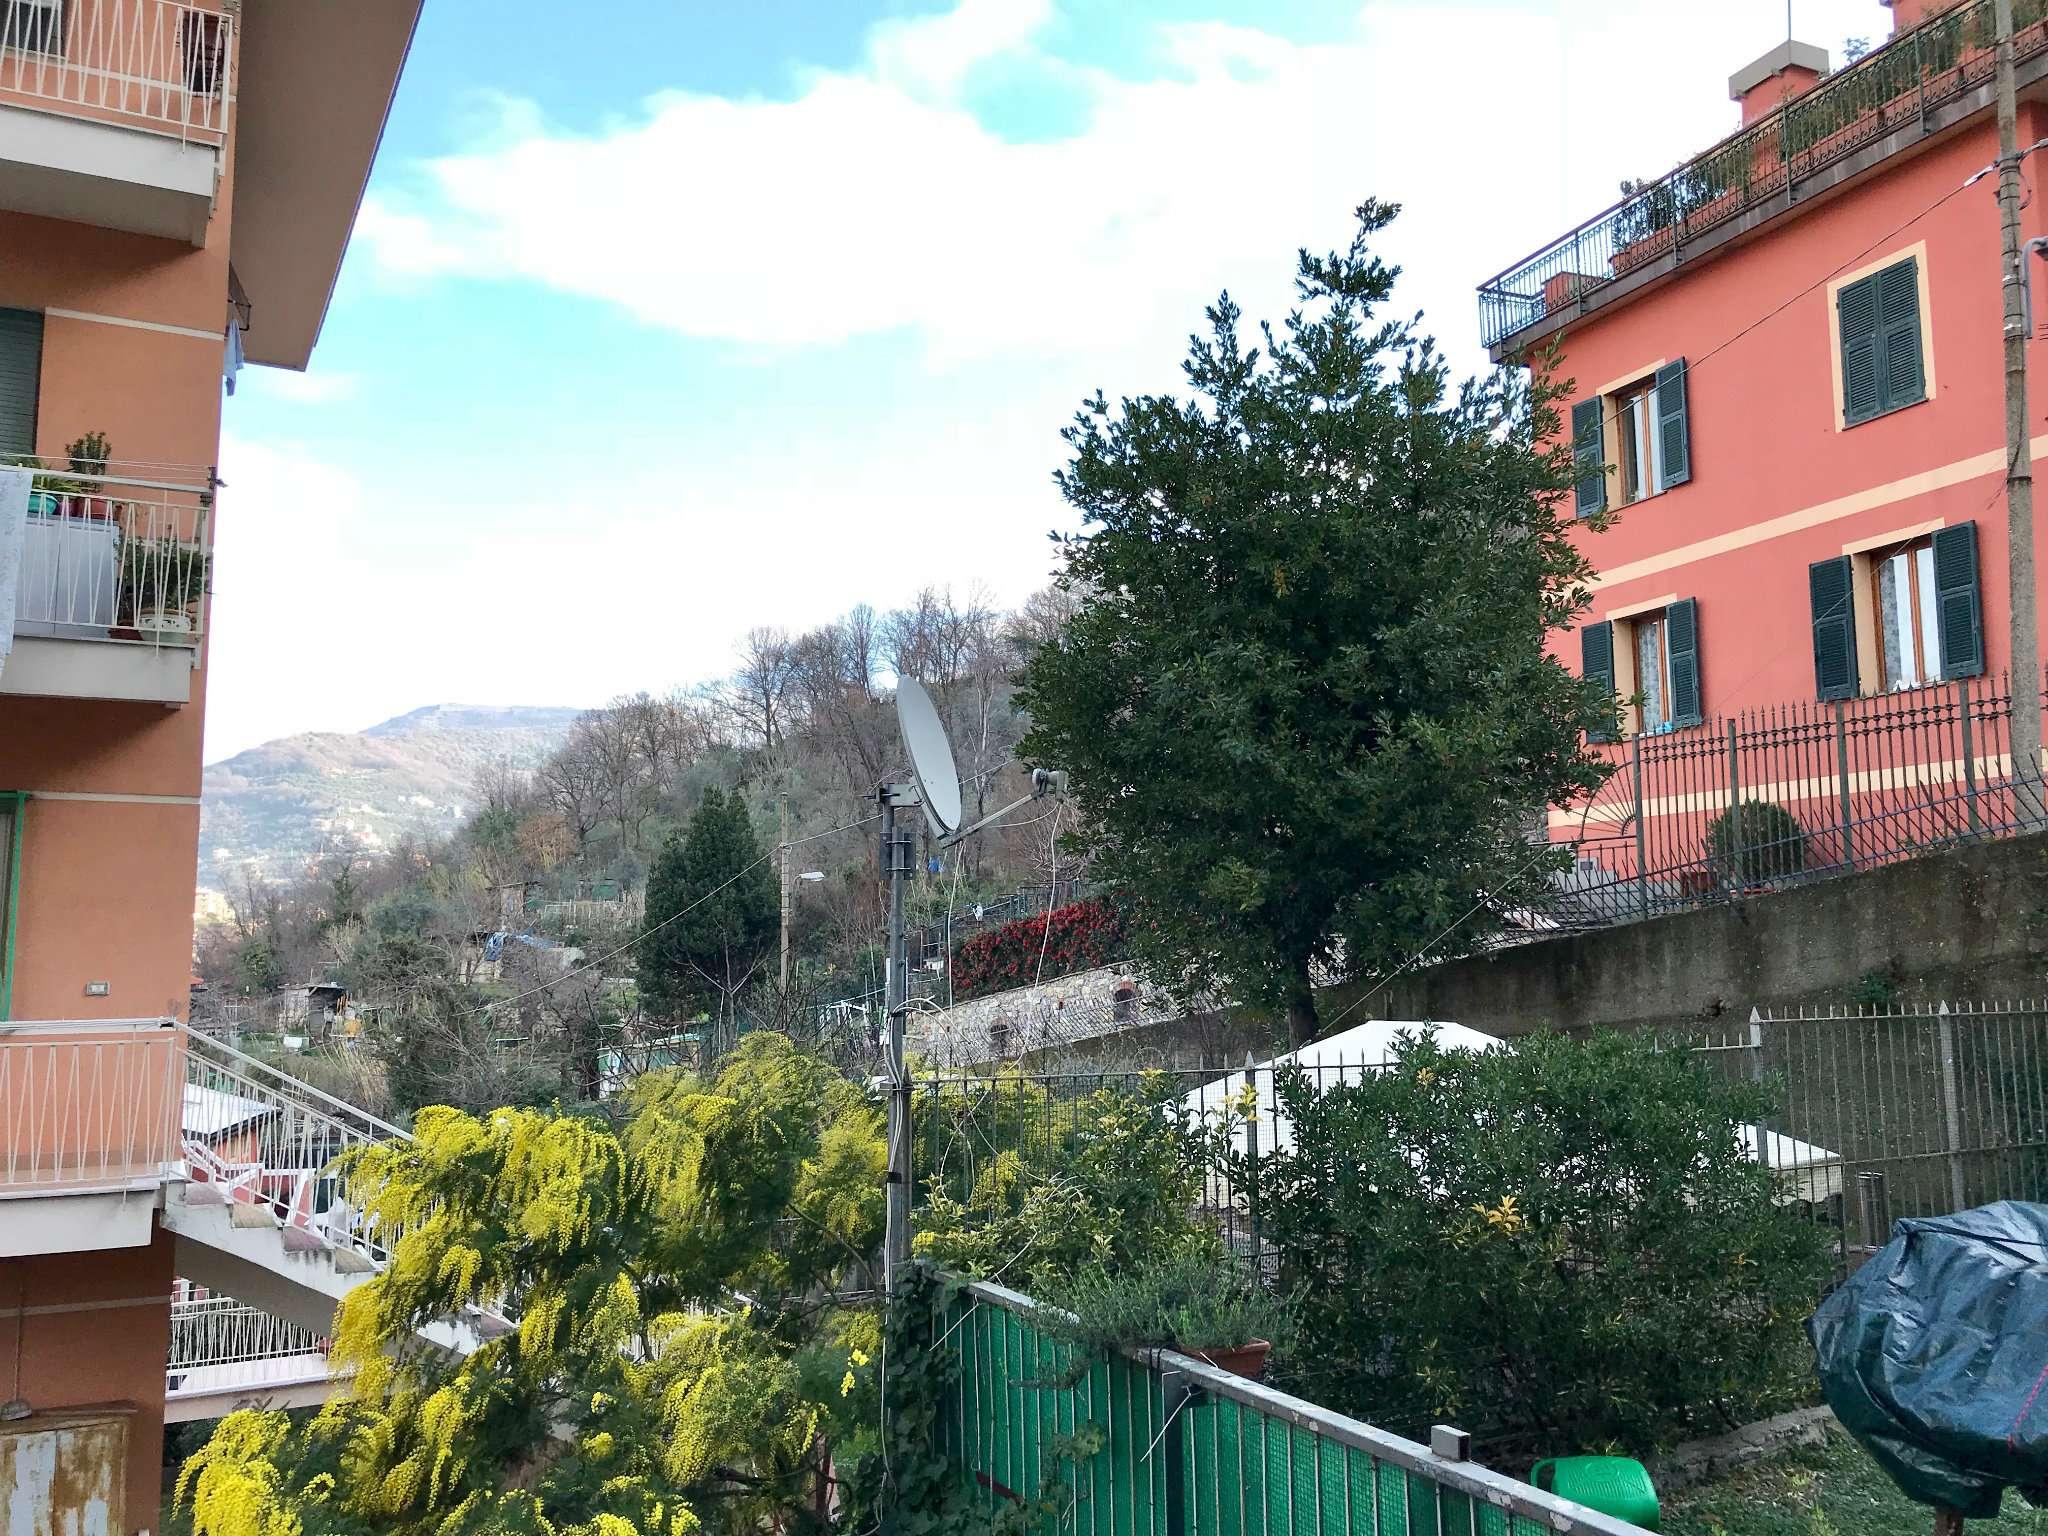 Papasergio immobiliare a genova appartamento for Case indipendenti affitto genova